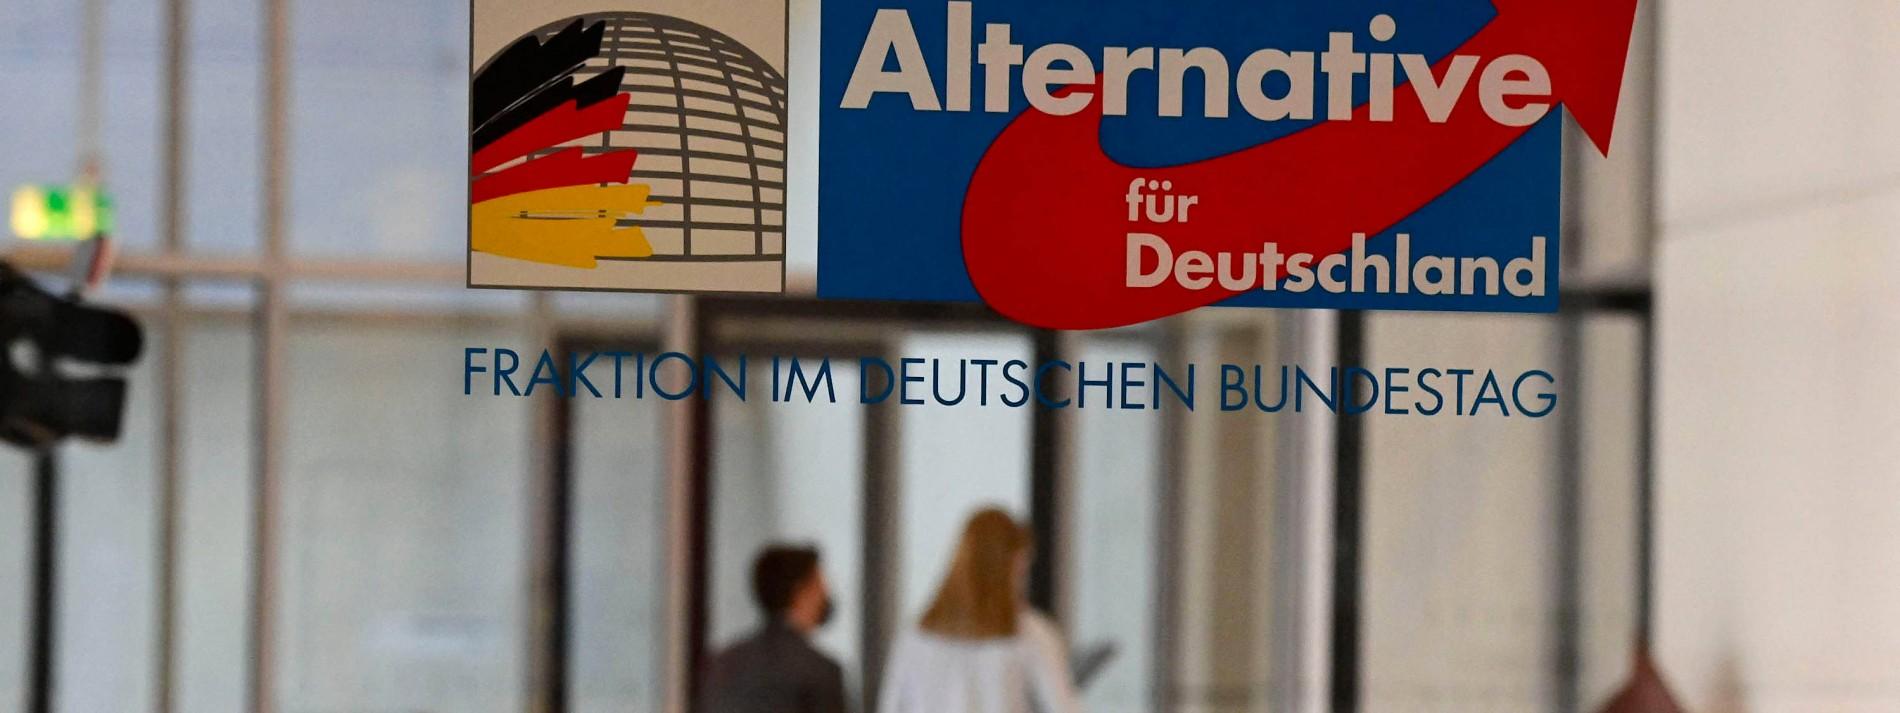 CDU-Politiker Kiesewetter: AfD-Mitglieder sollten Austritt prüfen